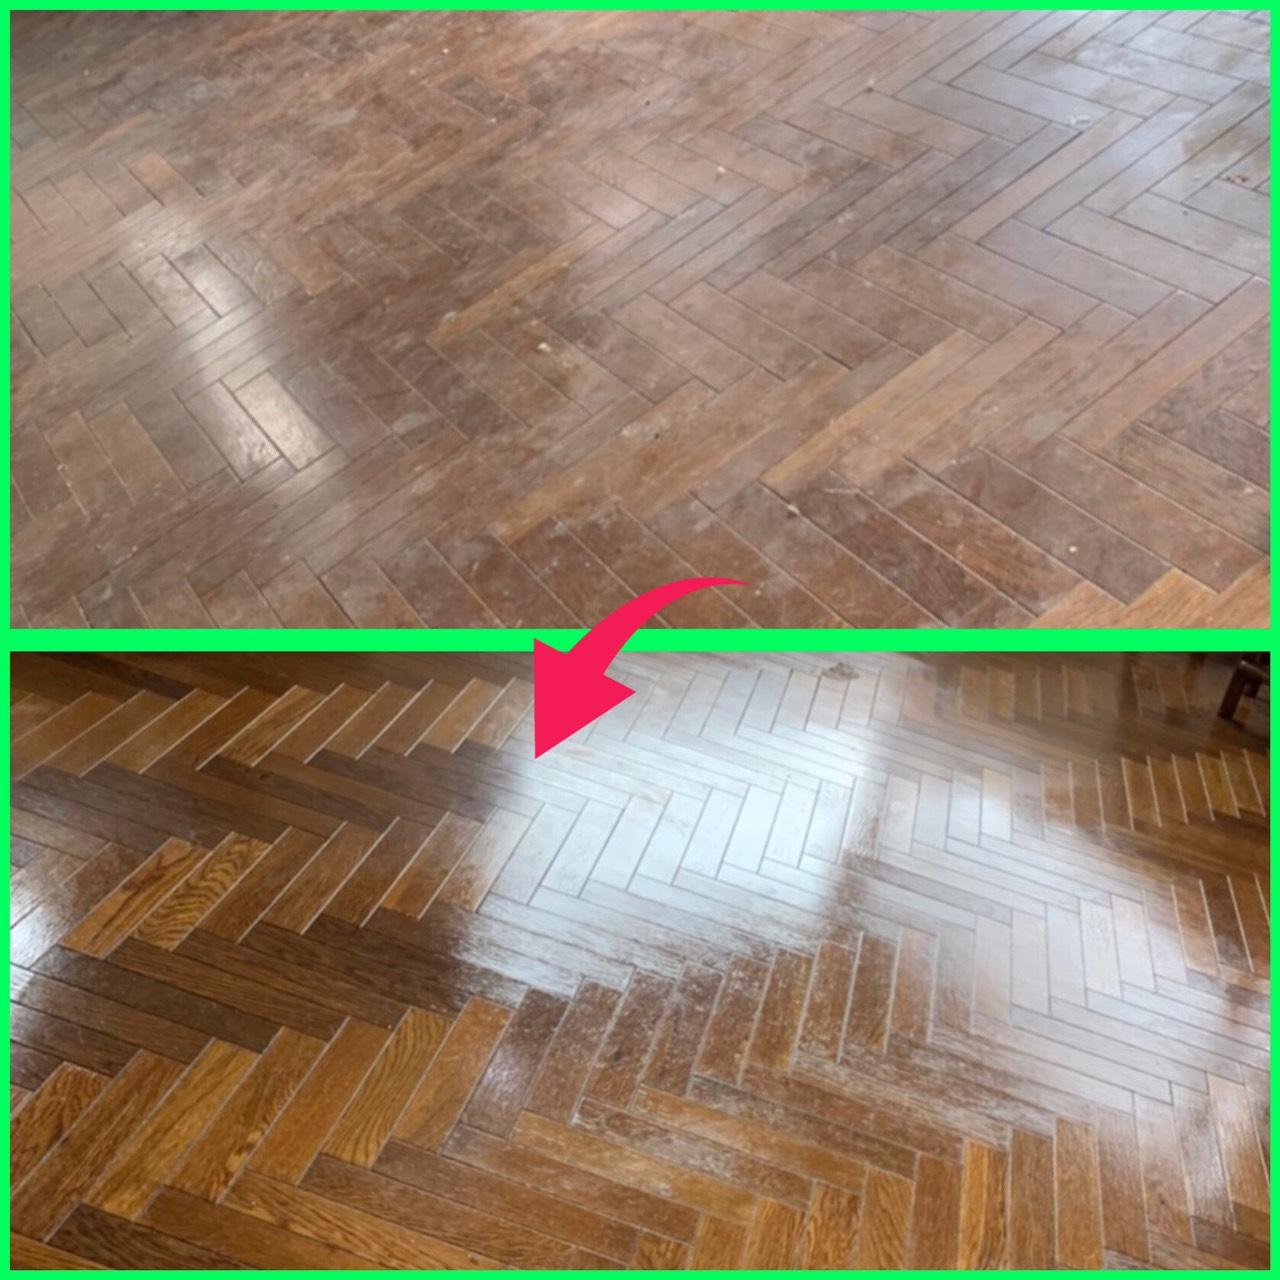 ゴミ屋敷清掃床BeforeAfter